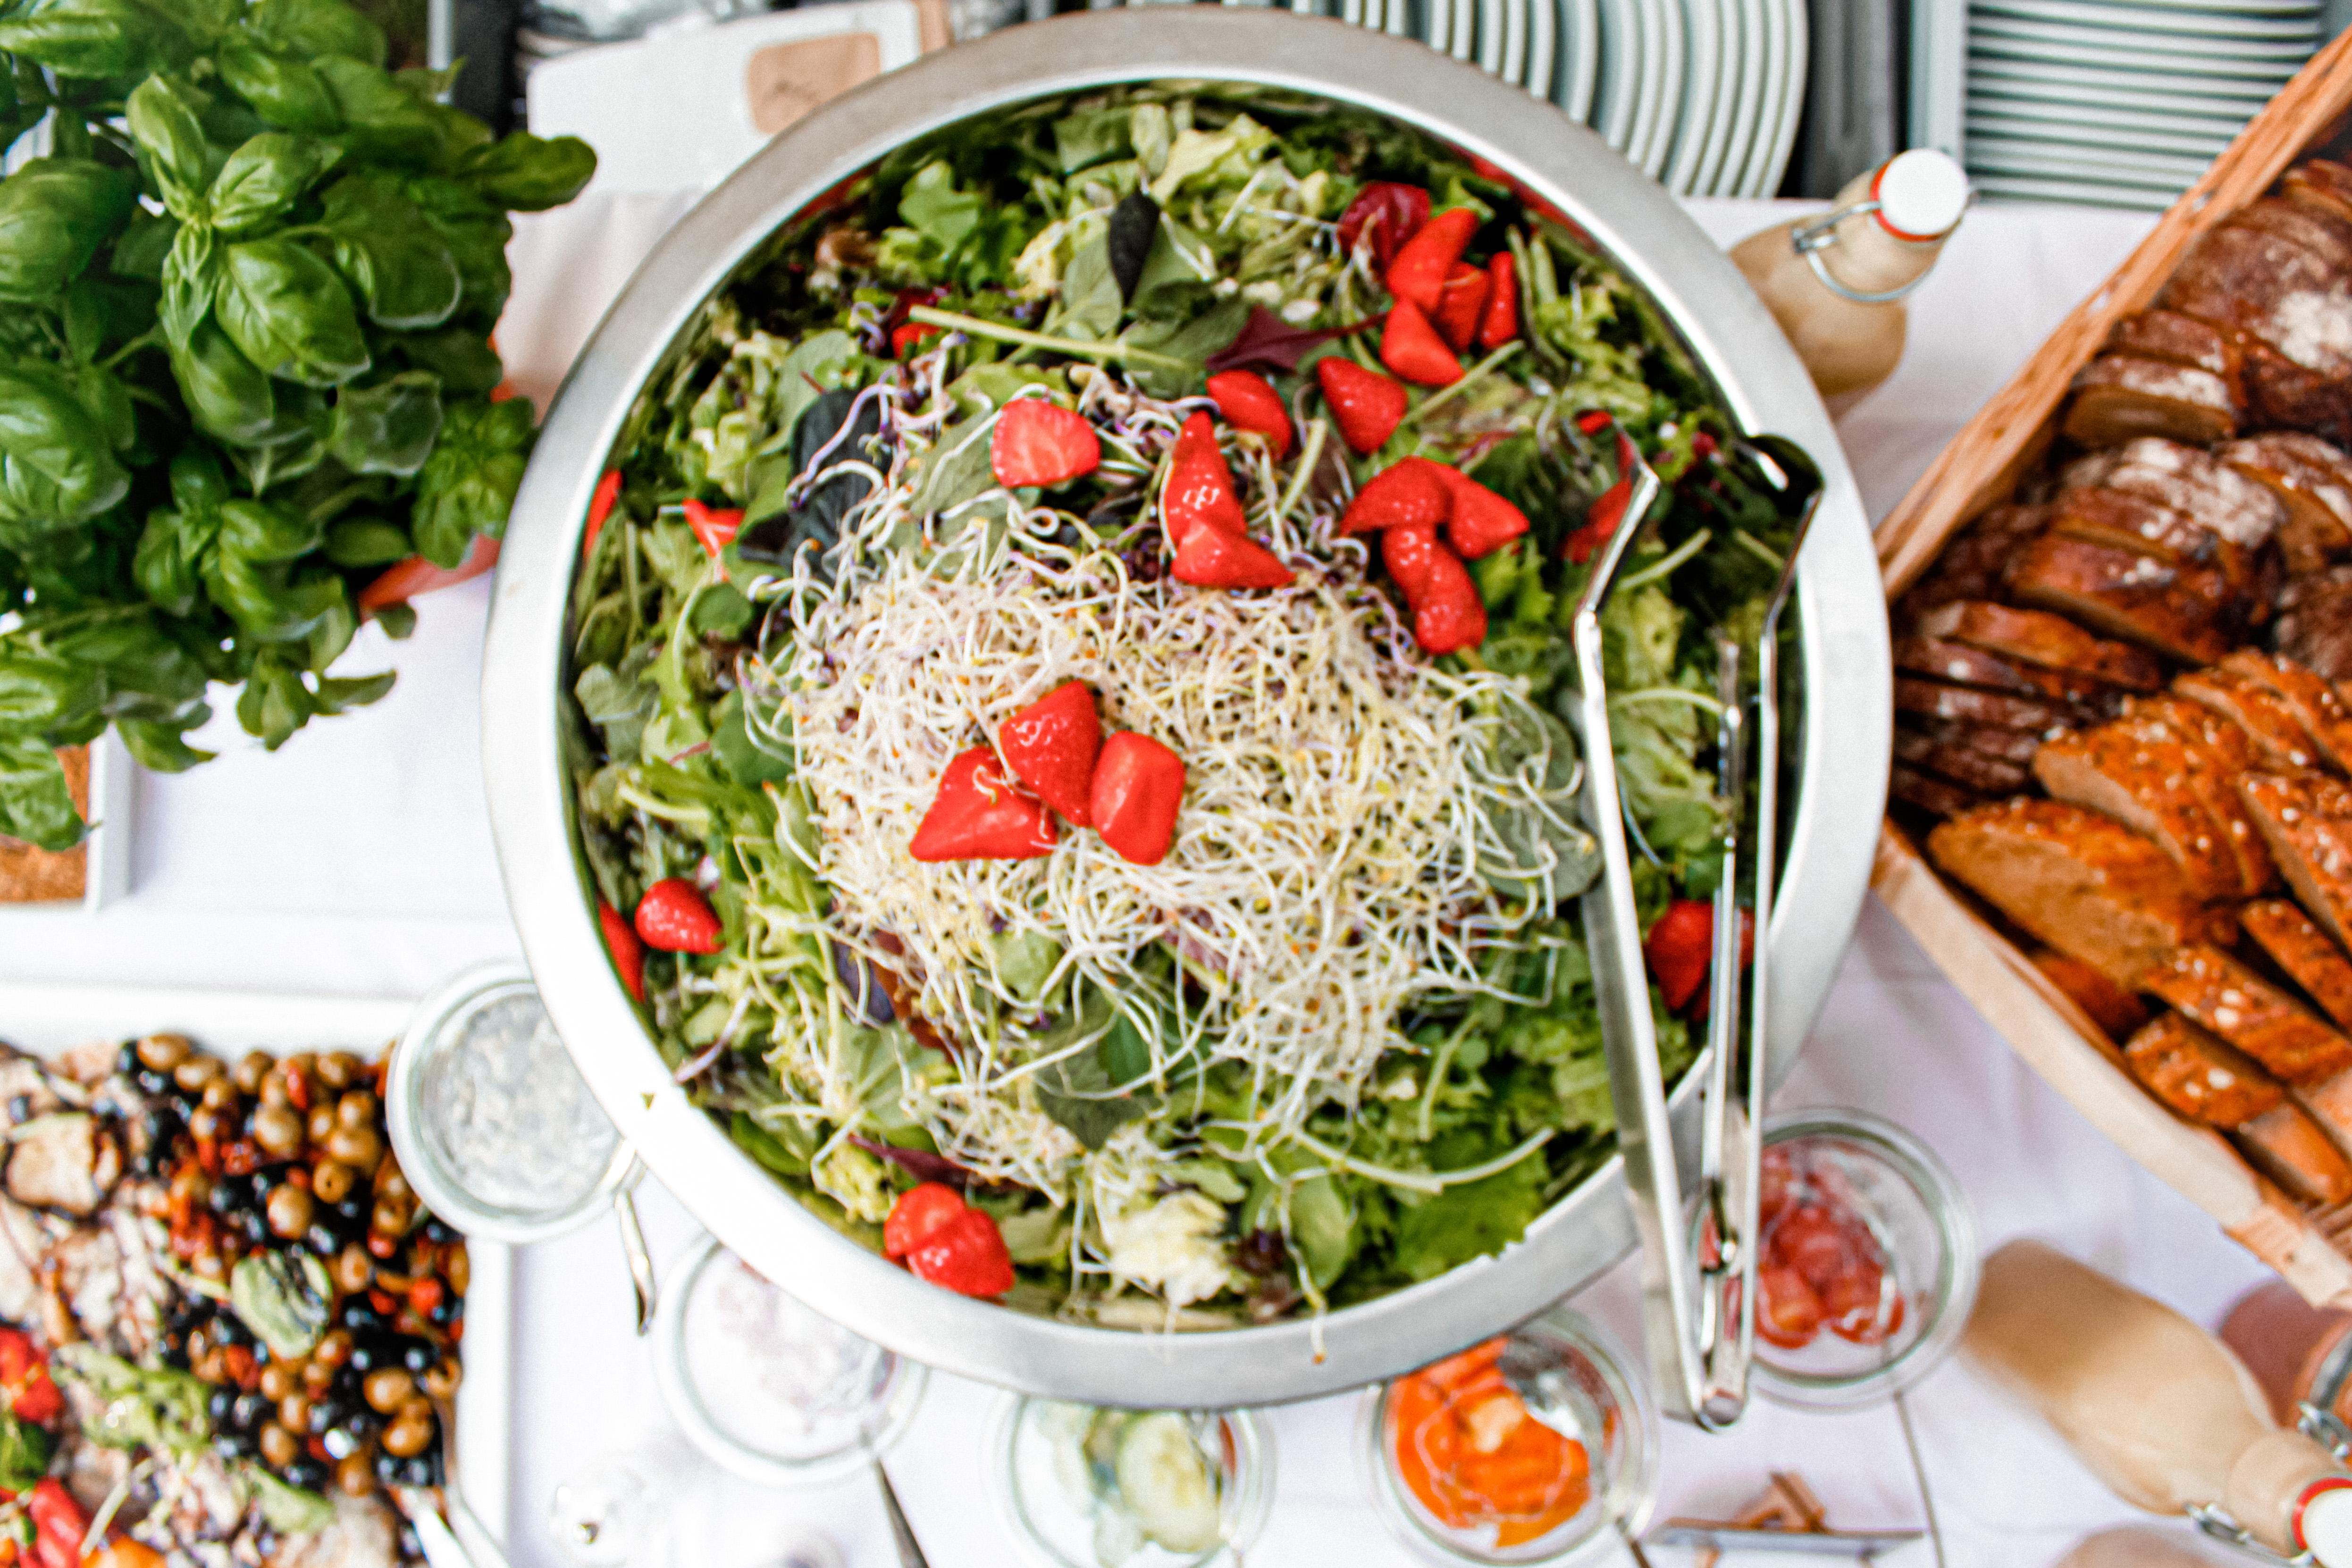 Dekorativ angerichteter Salat für ein Business Catering